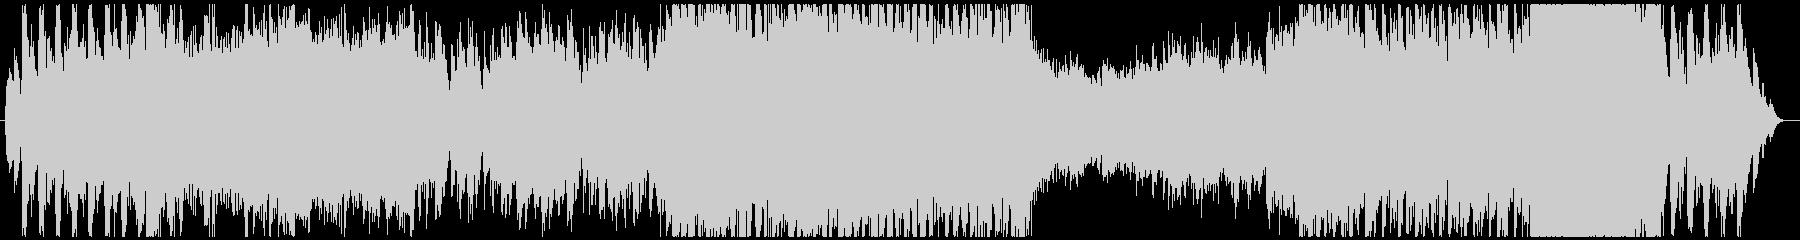 メロディが印象的なボス戦(ループ用)の未再生の波形